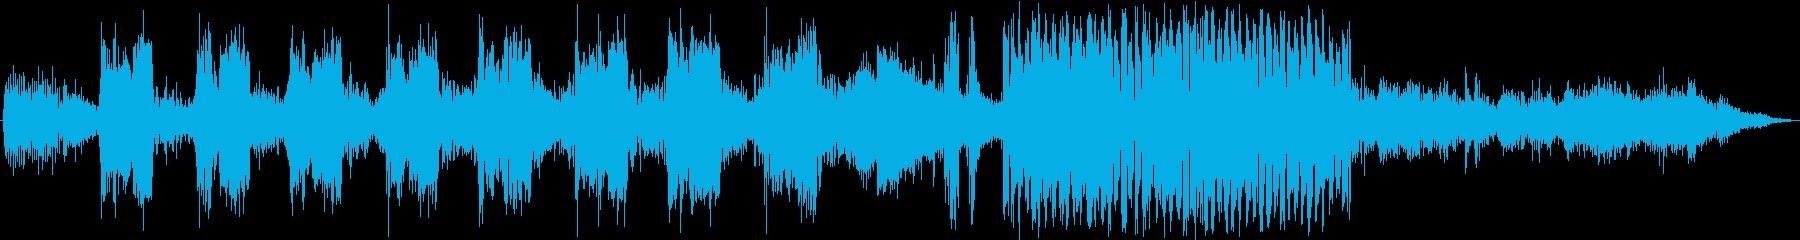 ラジオプロダクションシーン:ロボッ...の再生済みの波形